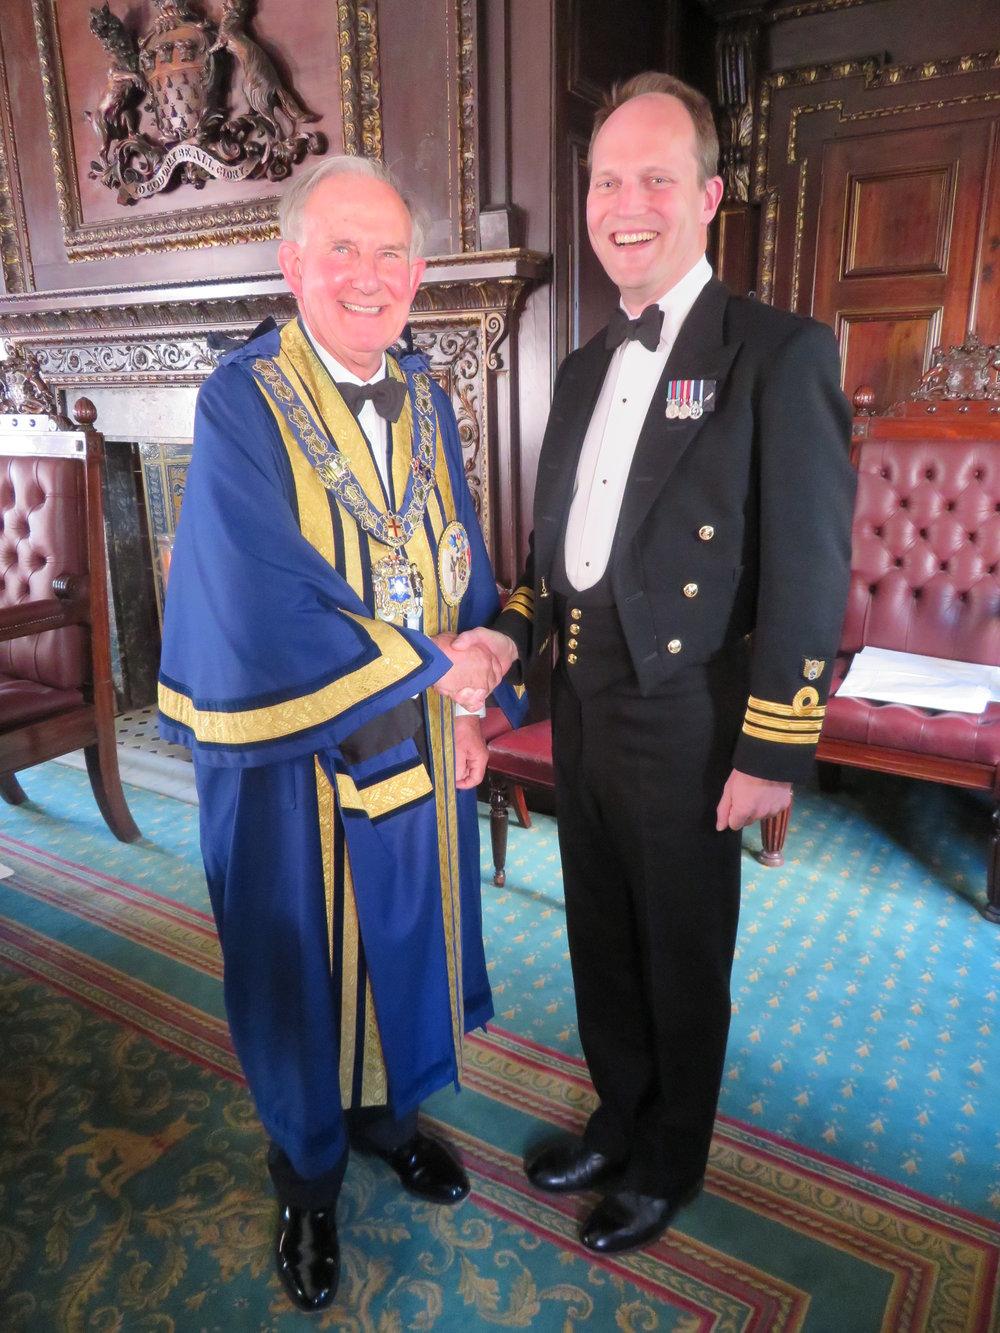 The Master, Stuart Finn RN